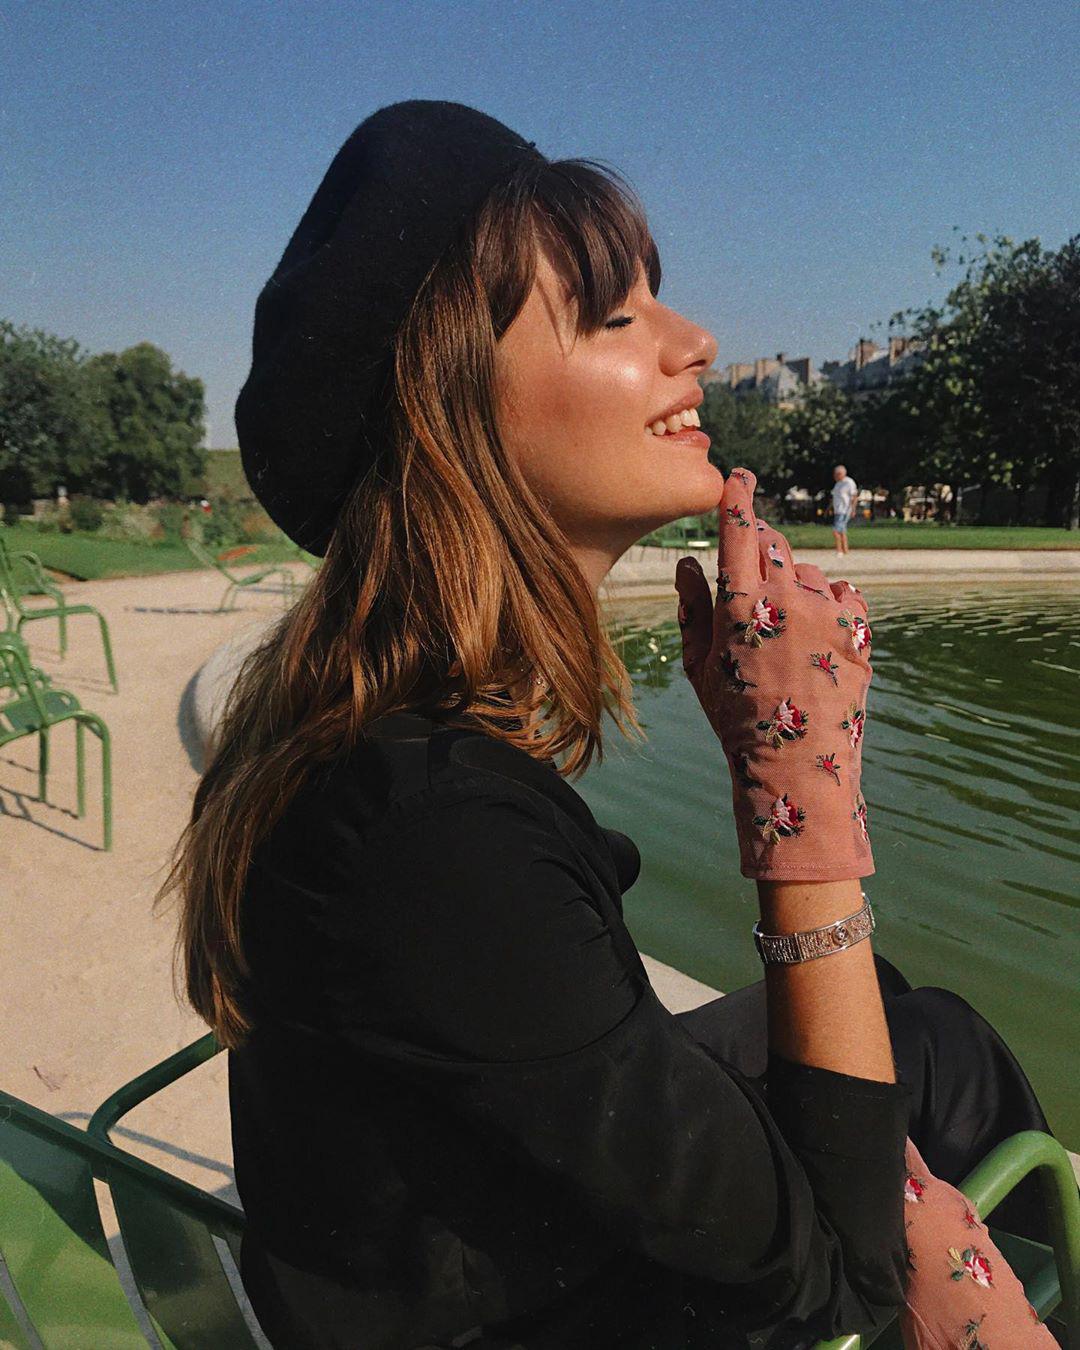 Để có style mùa lạnh thanh lịch như quý cô Paris, bạn chỉ cần có trong tay 6 món đồ - Ảnh 11.